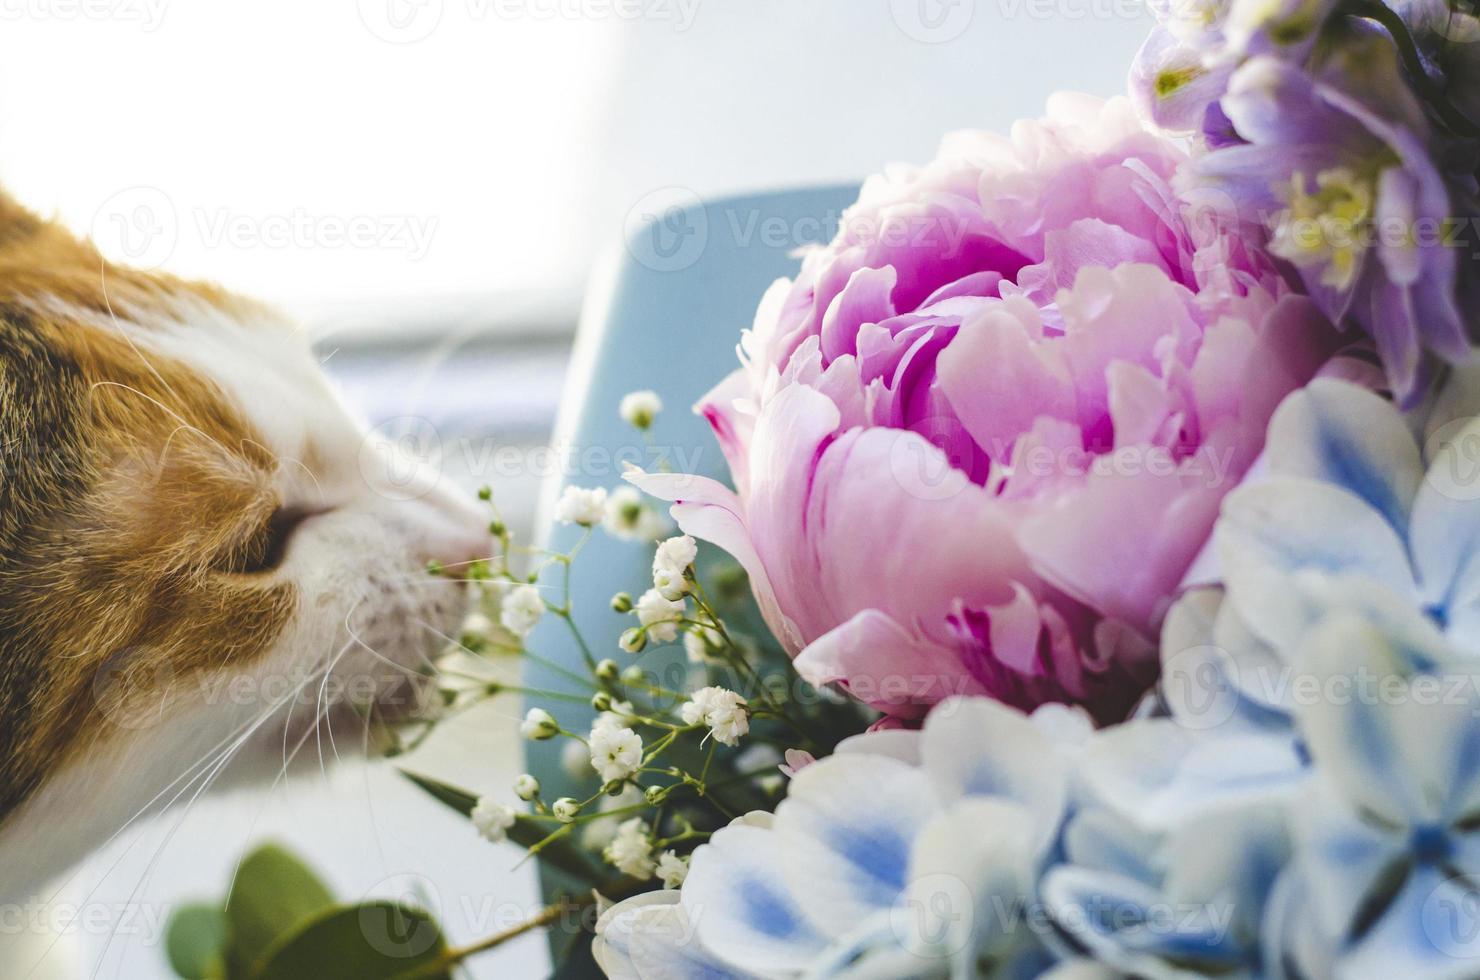 tricolor gato doméstico muerde flores foto